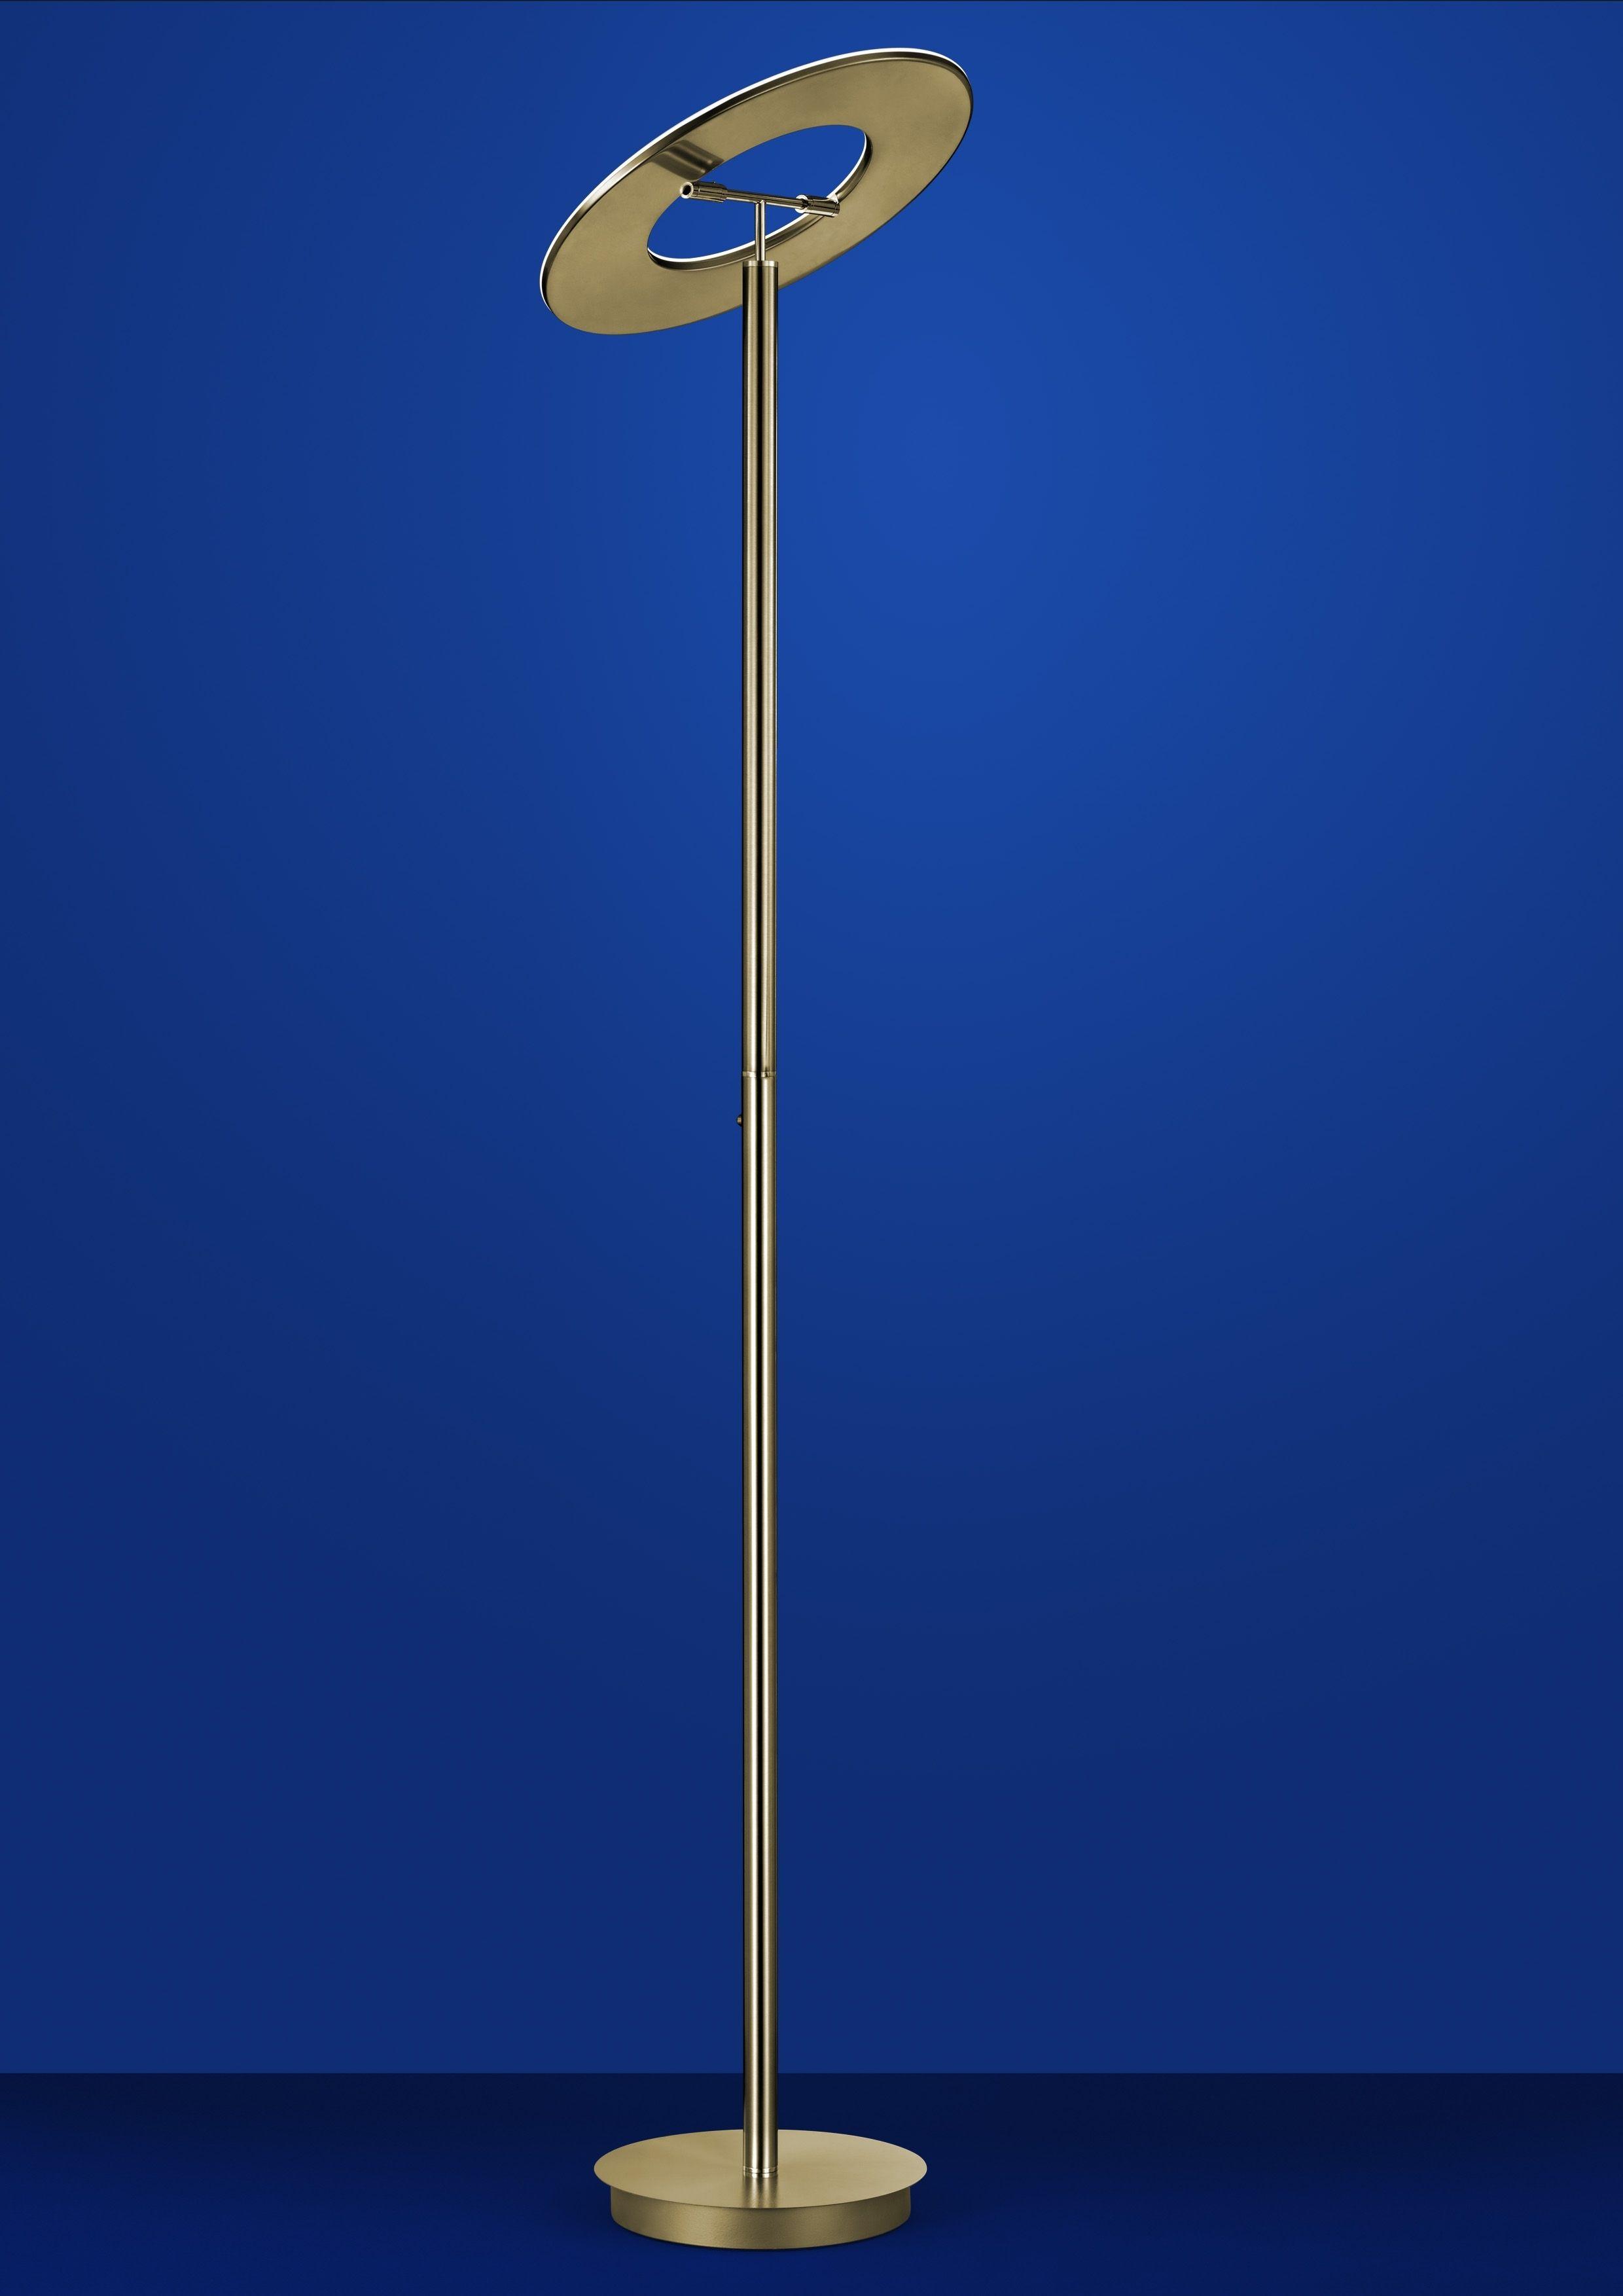 B-Leuchten MONZA LED-Stehleuchte 60187/2-92 - LEUCHTENKING